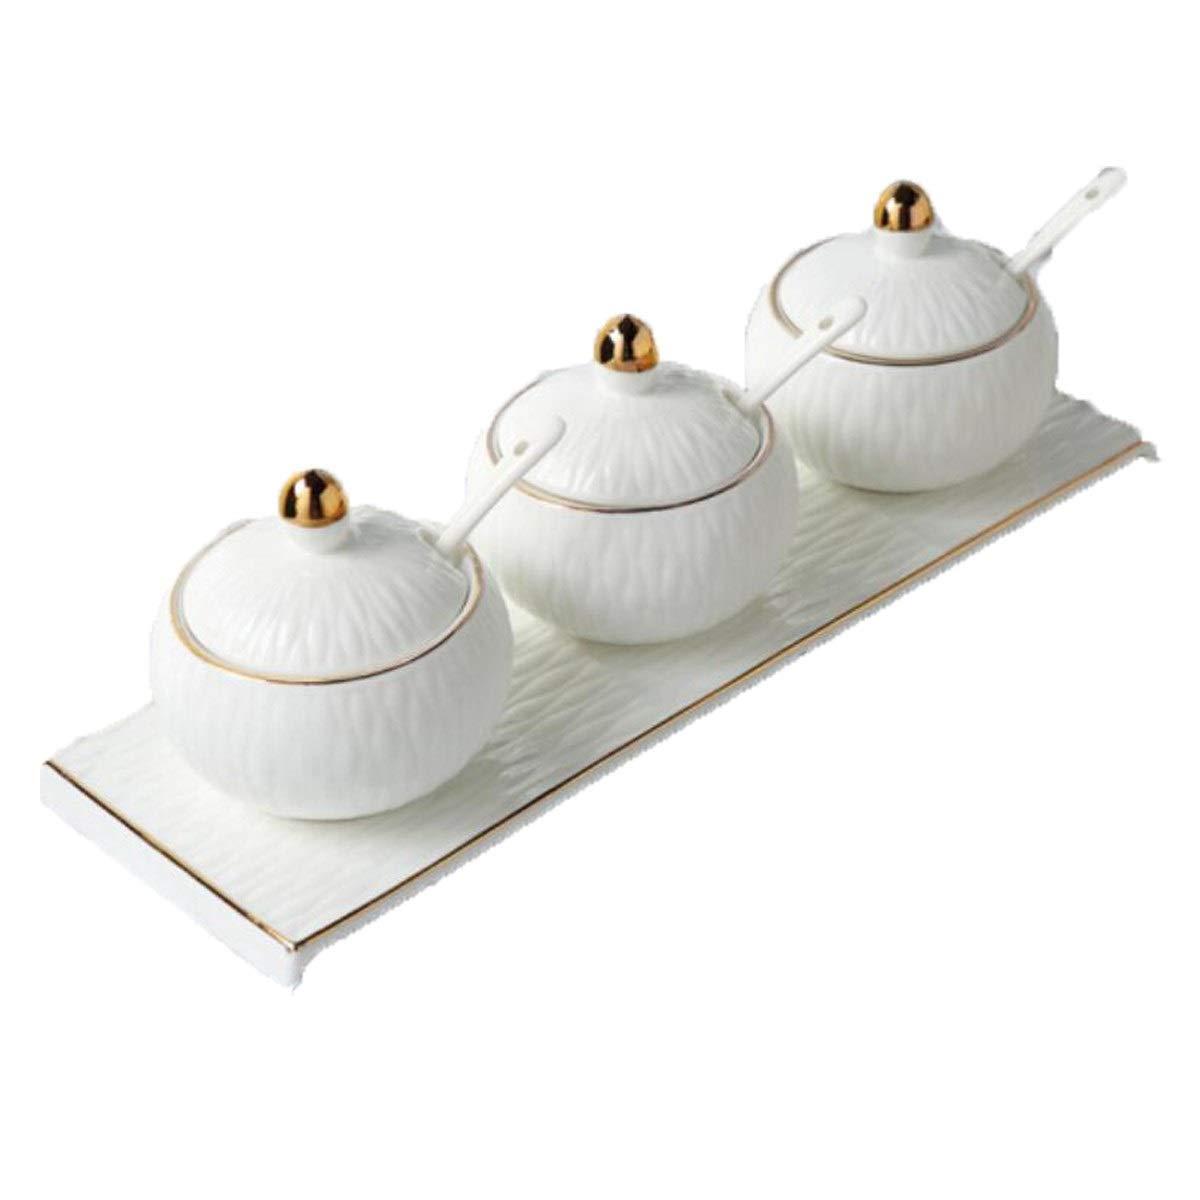 MINGRUIGONGMAO Seasoning boxes, seasoning bottles, seasoning jars, spoons and ceramic lids, kitchen supplies - non-slip base, ceramic seasoning jar three-piece, Plush toys by MINGRUIGONGMAO